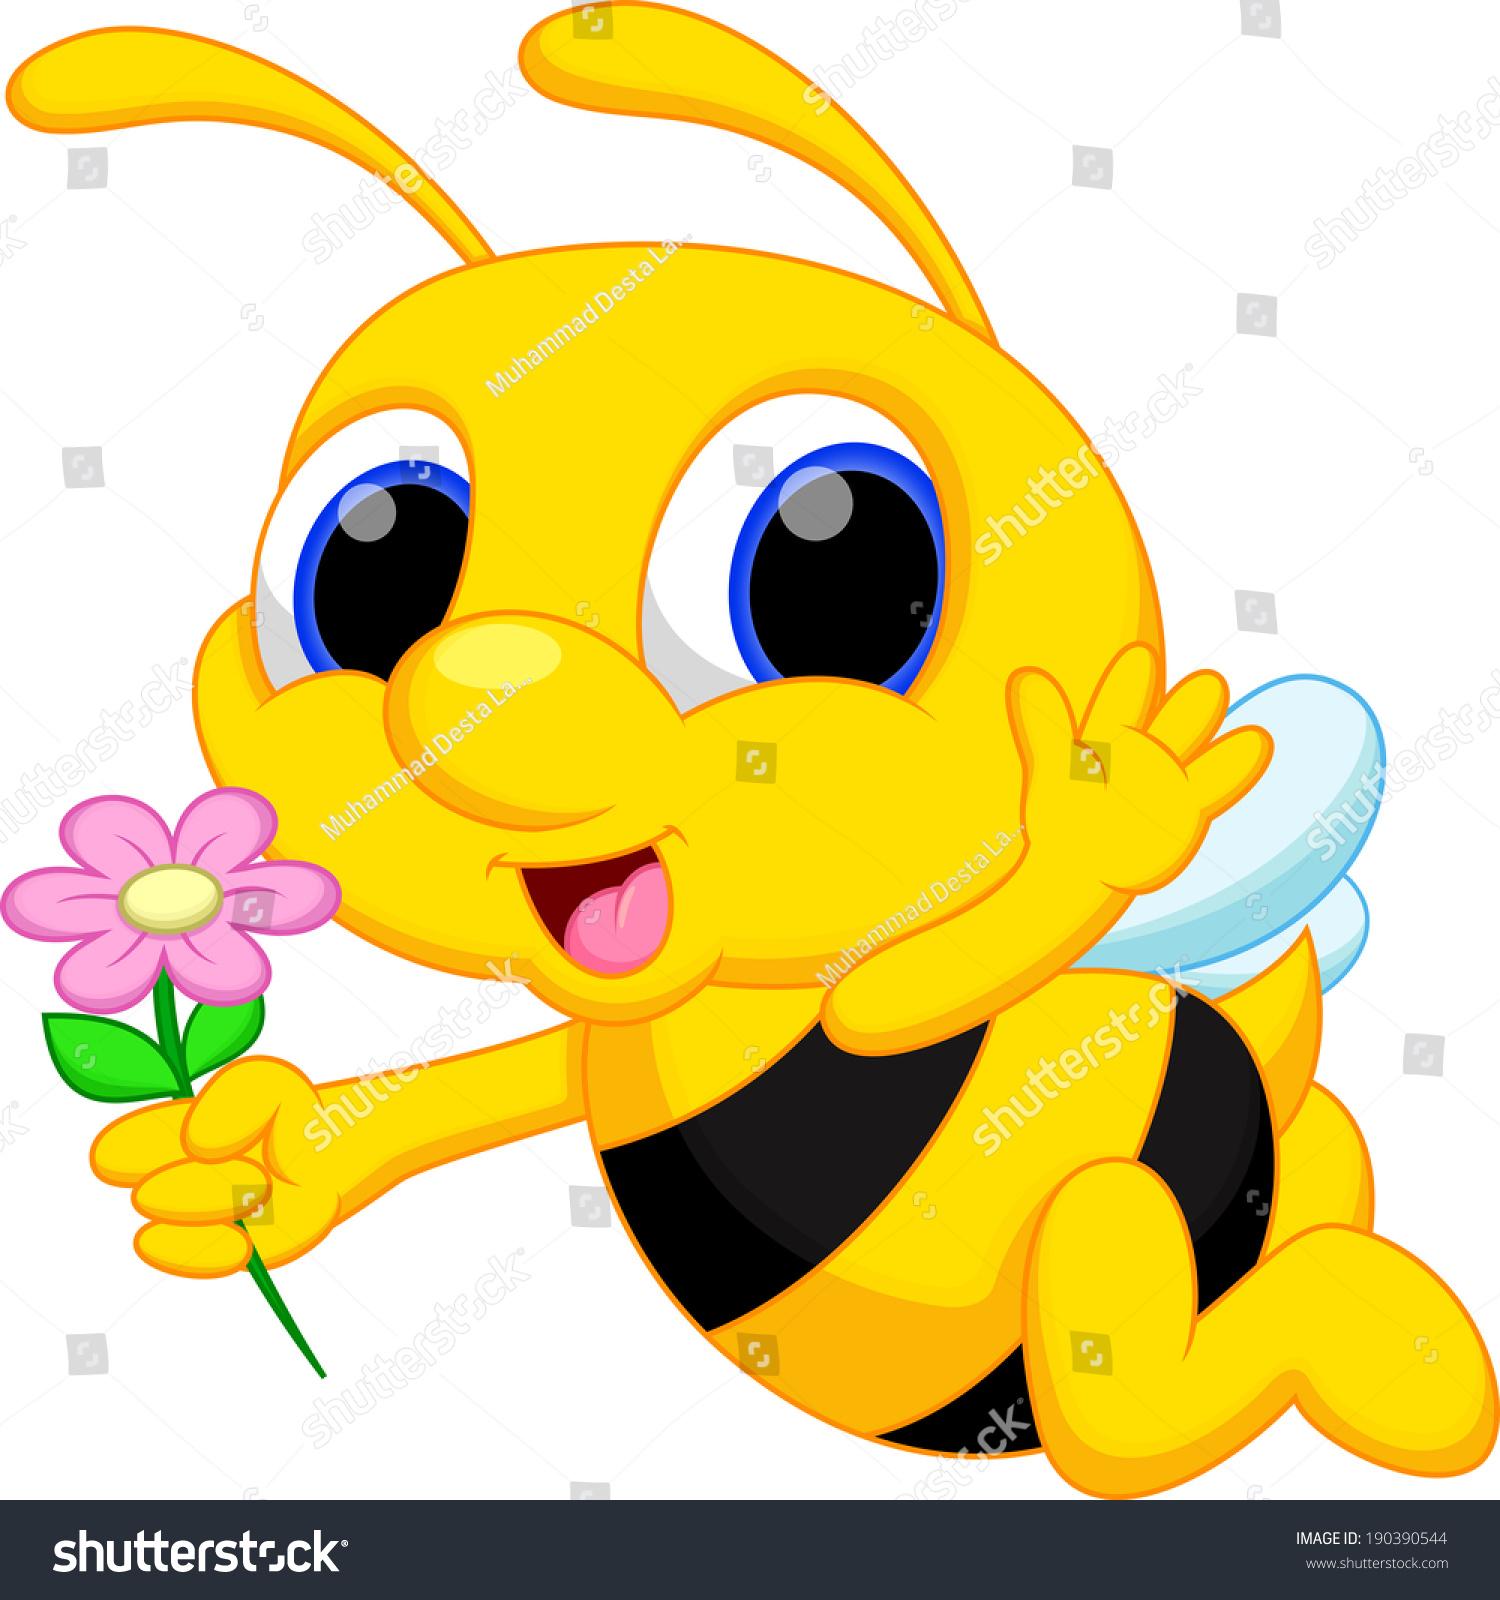 Cartoon bees flying - photo#27